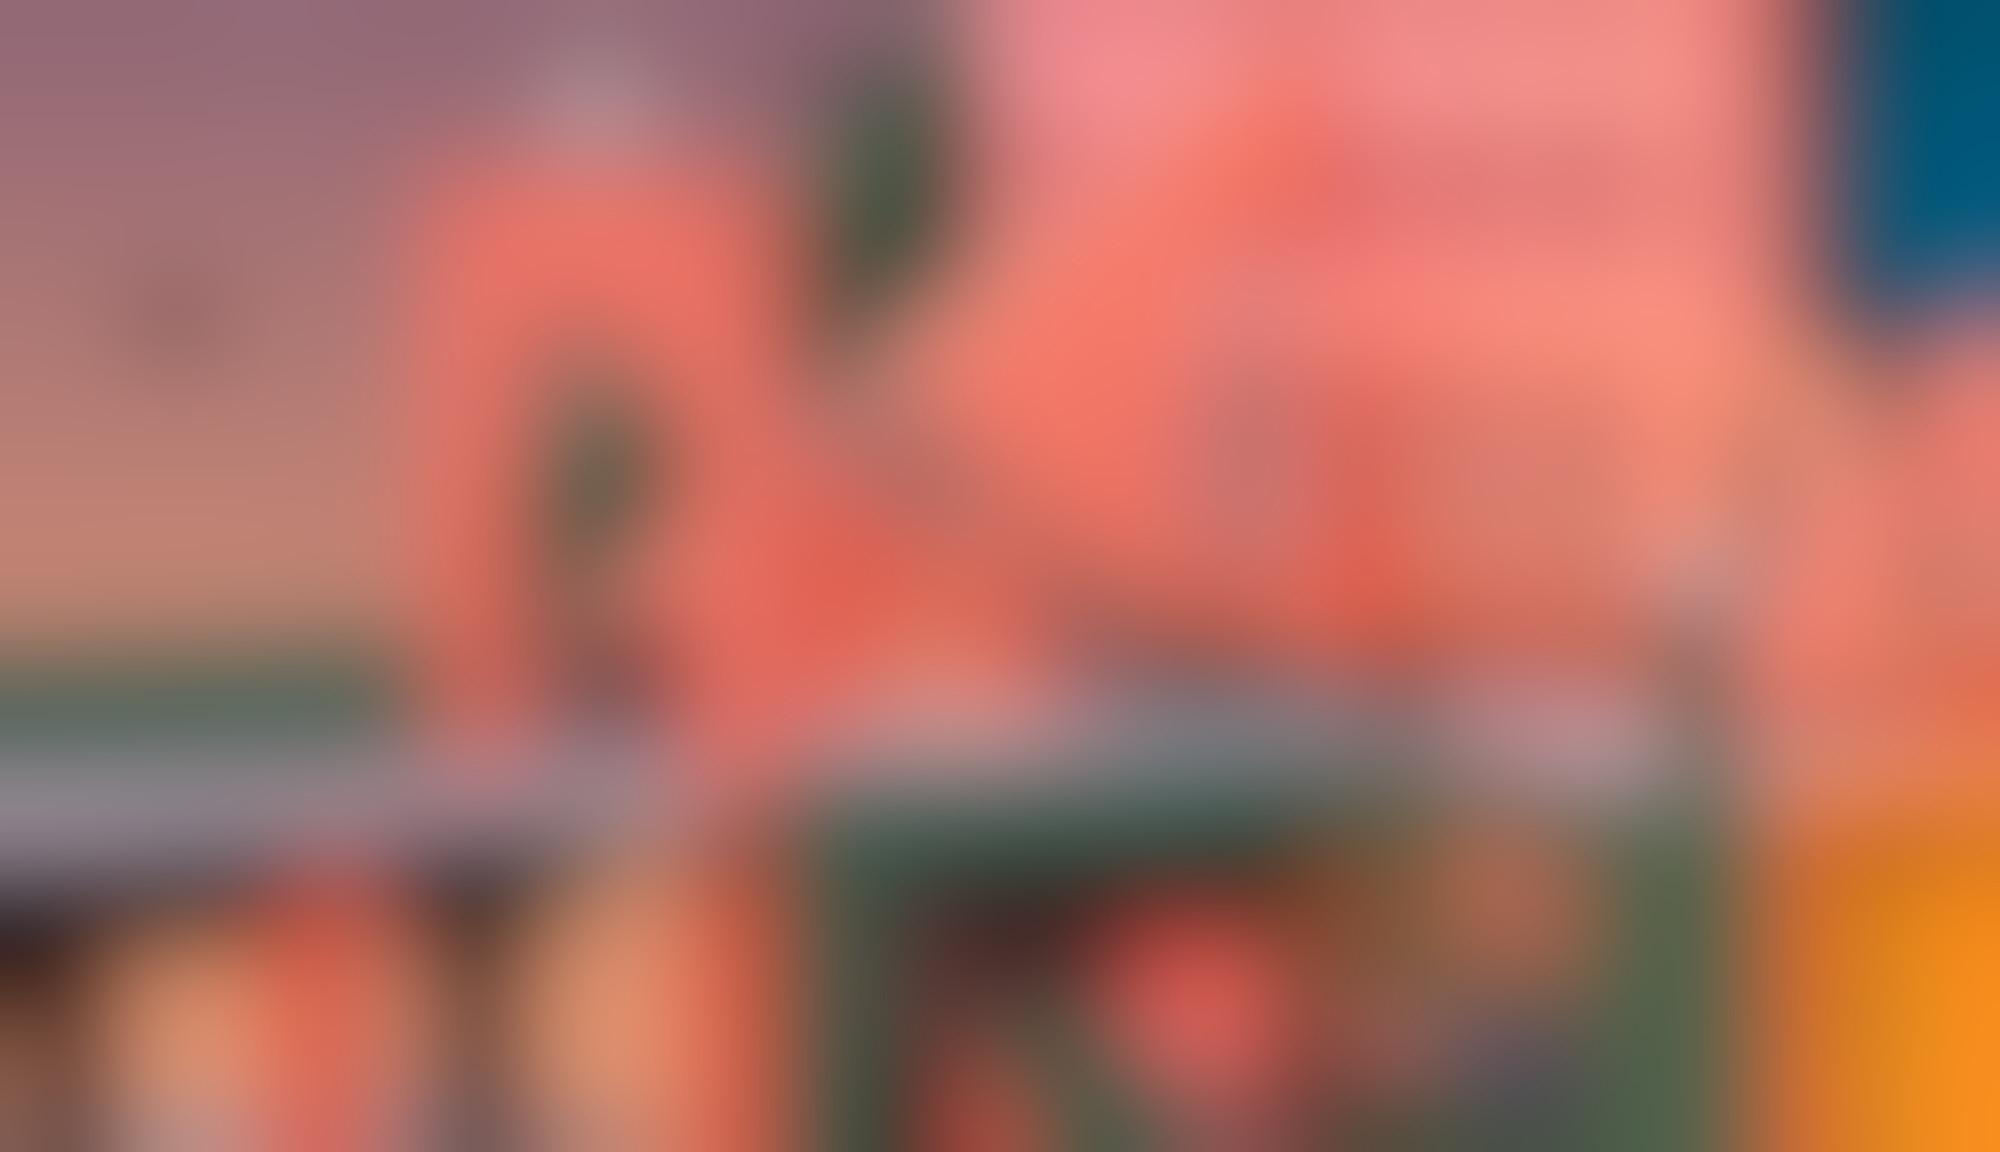 C4 summer screen landscape v4 dbf8d6a38dd21a4600d81f78eddca413 autocompressfitresizeixlibphp 1 1 0max h2000max w3 D2000q80s58911a7a81b2c032c15f2c546e1d29d2